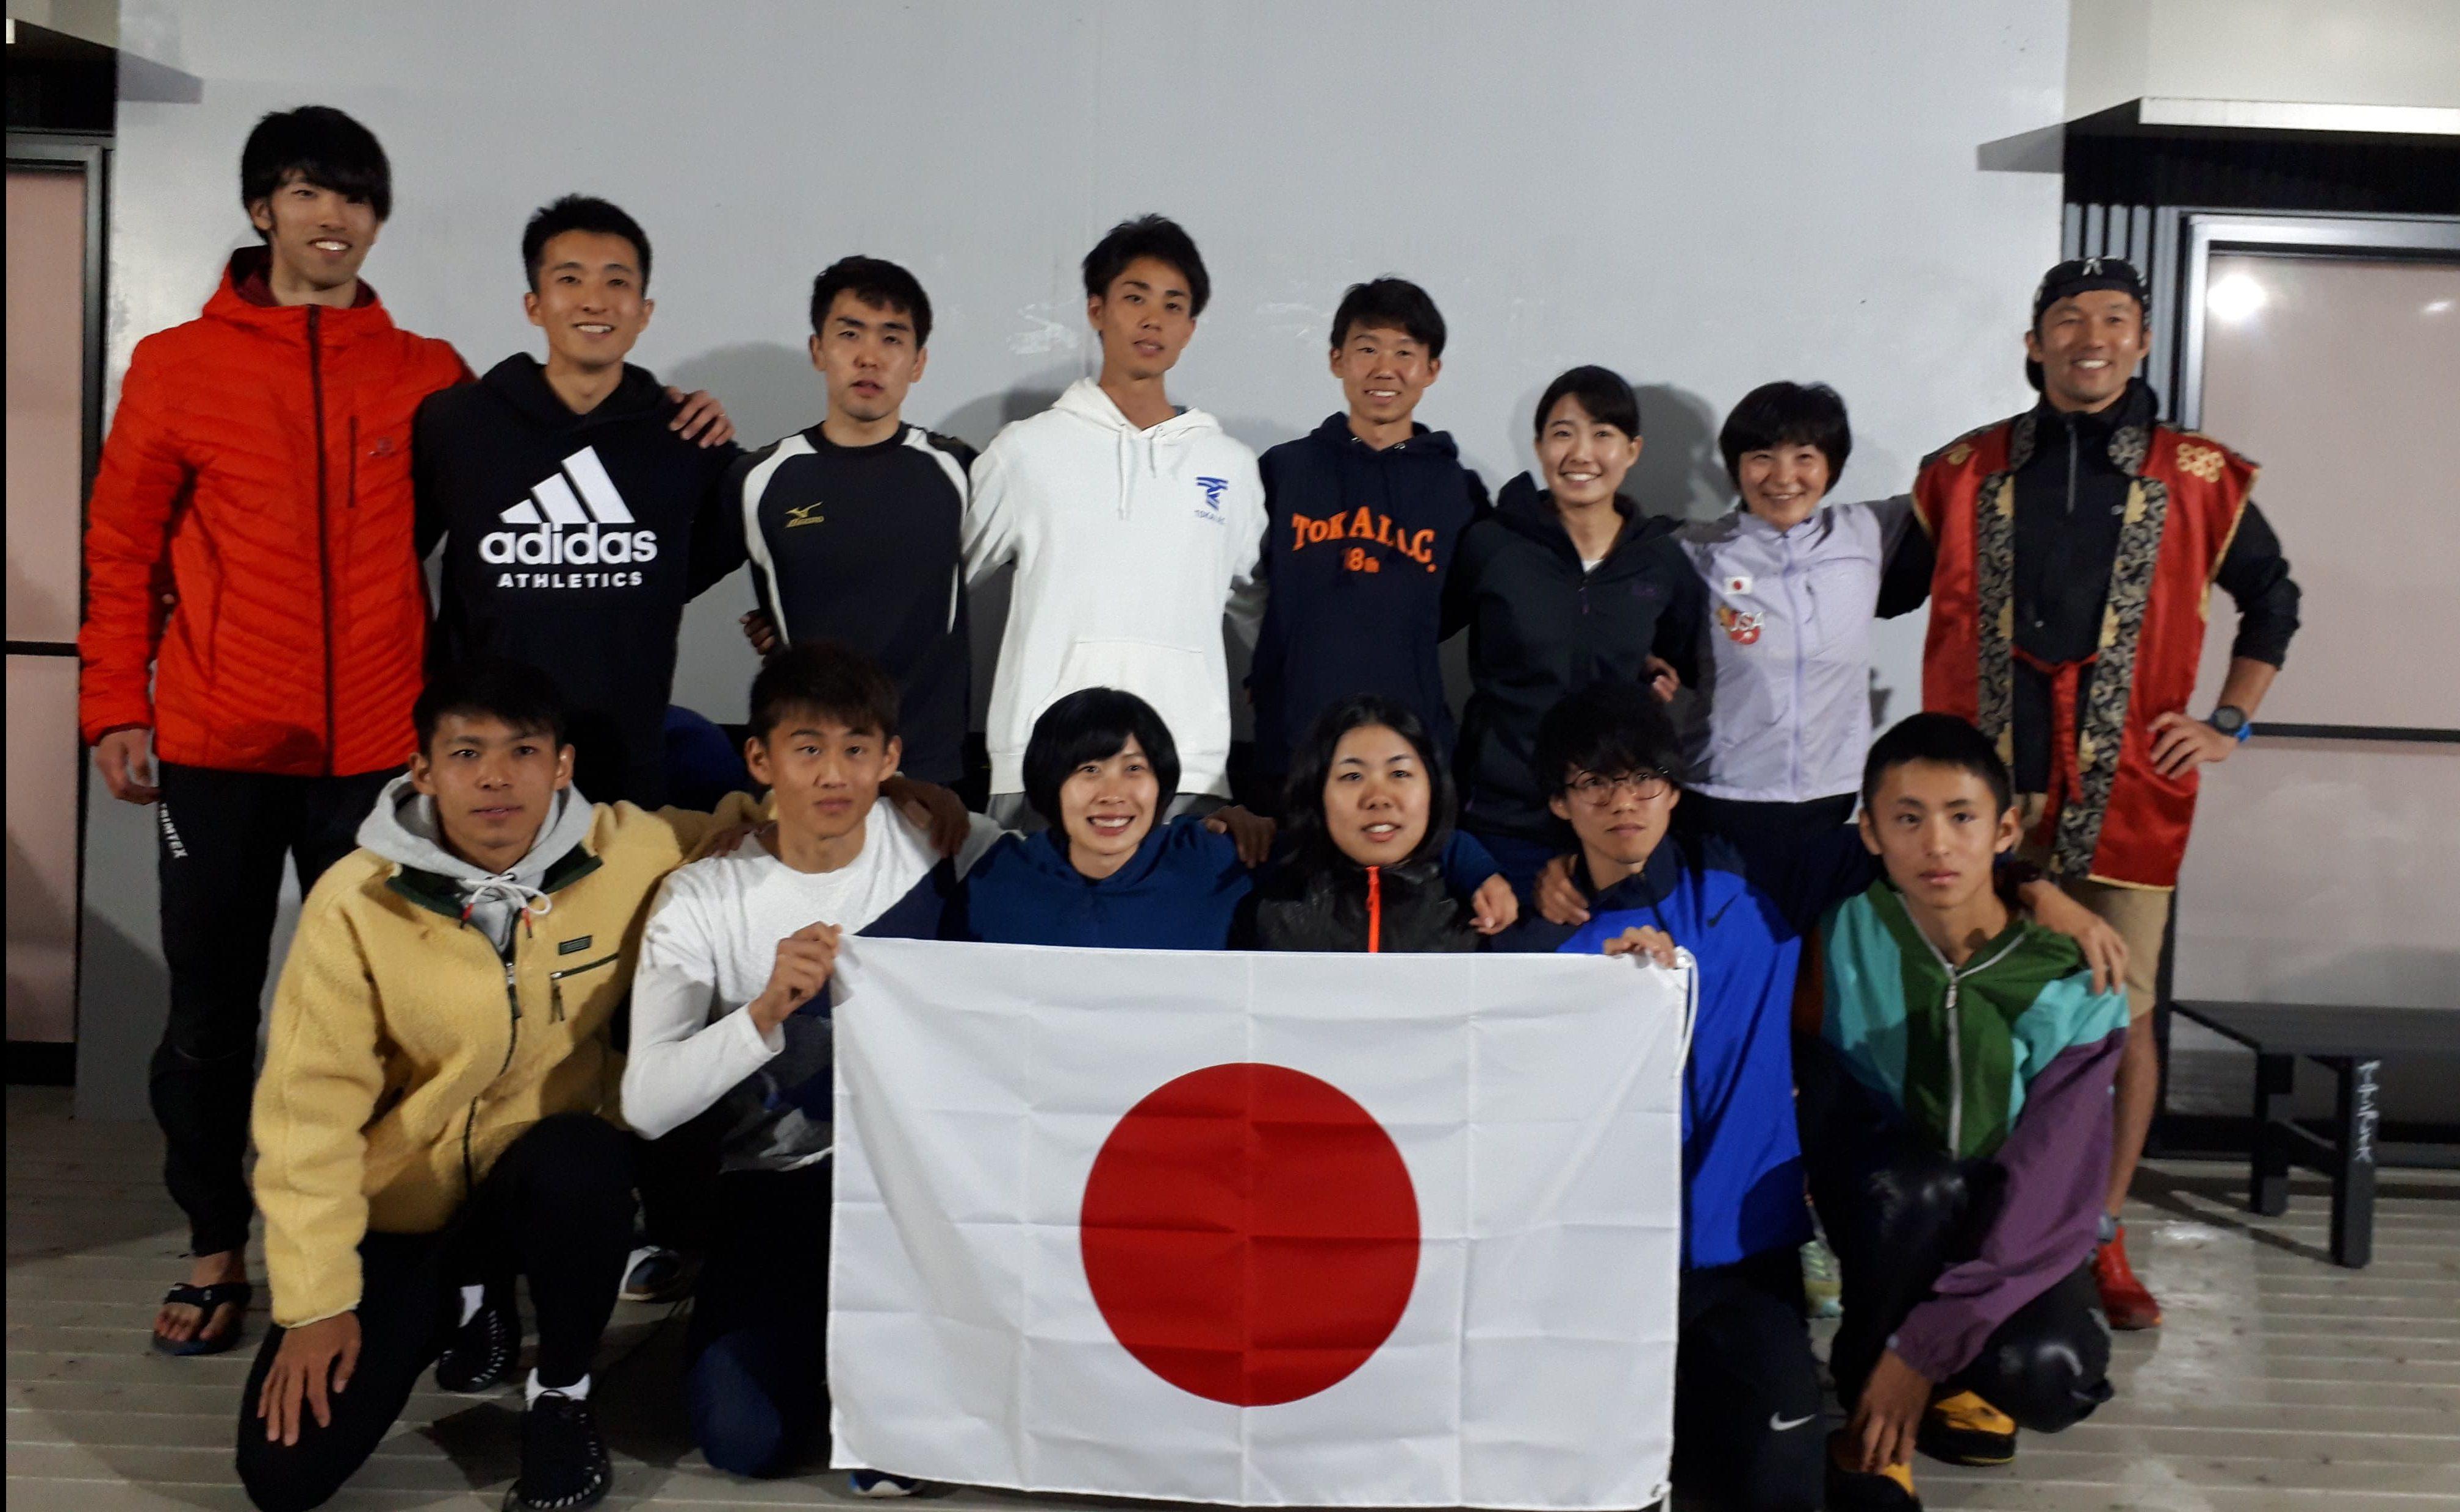 5月4日に長野県上田市で実施した壮行会にて